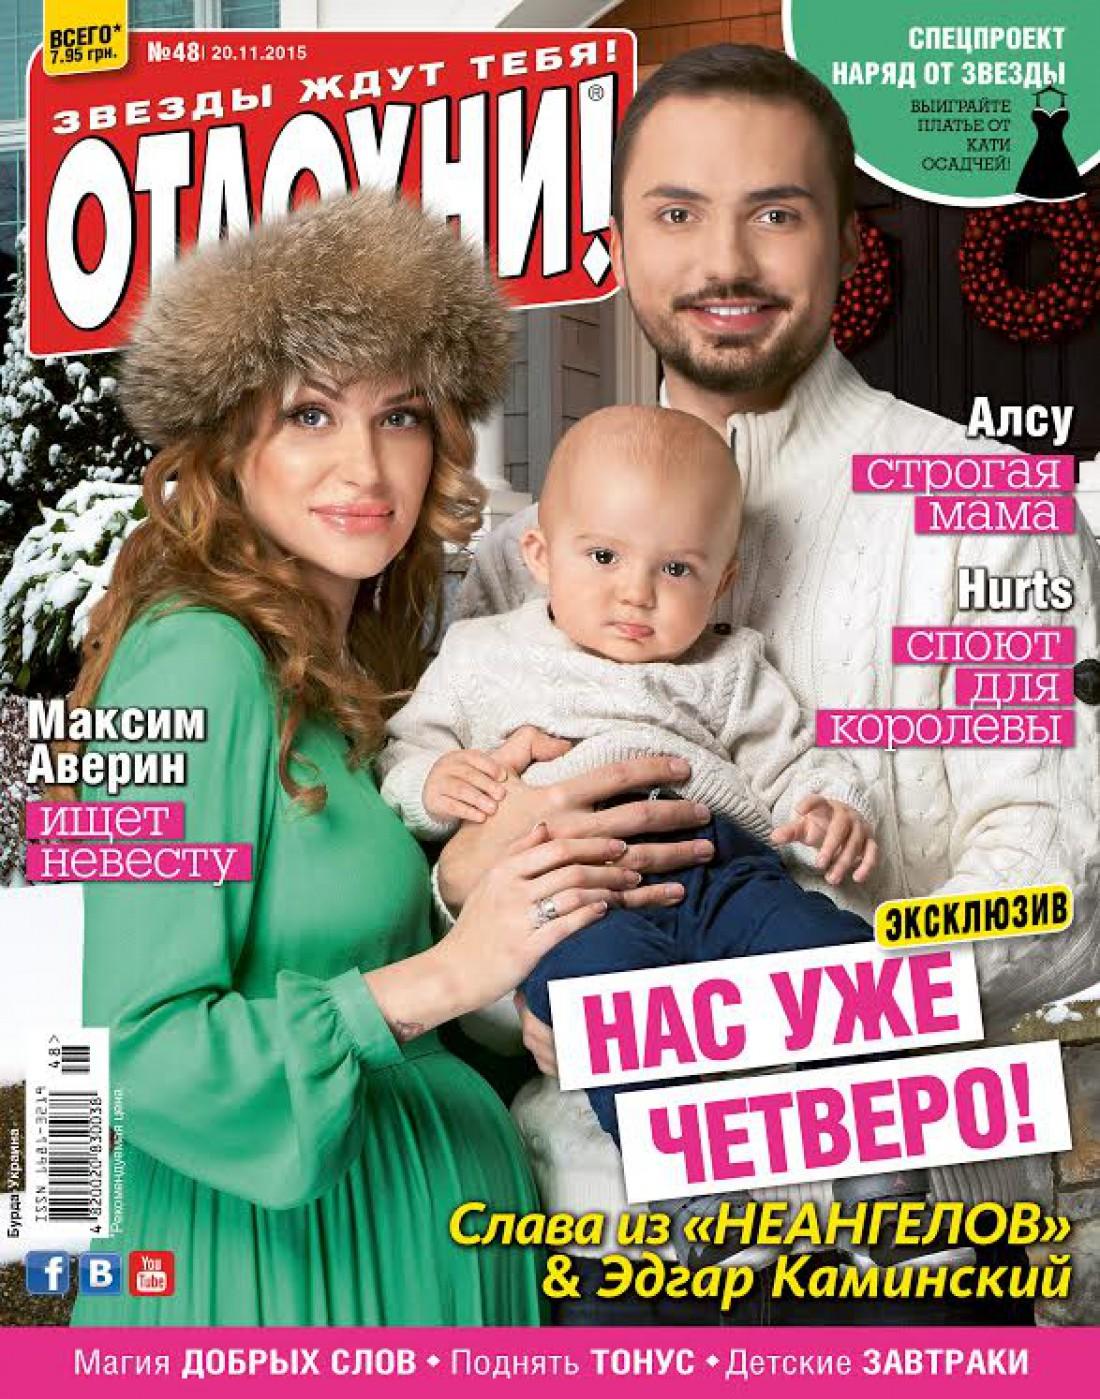 Беременная Слава из НЕАНГЕЛОВ вместе с семьей украсила обложку журнала